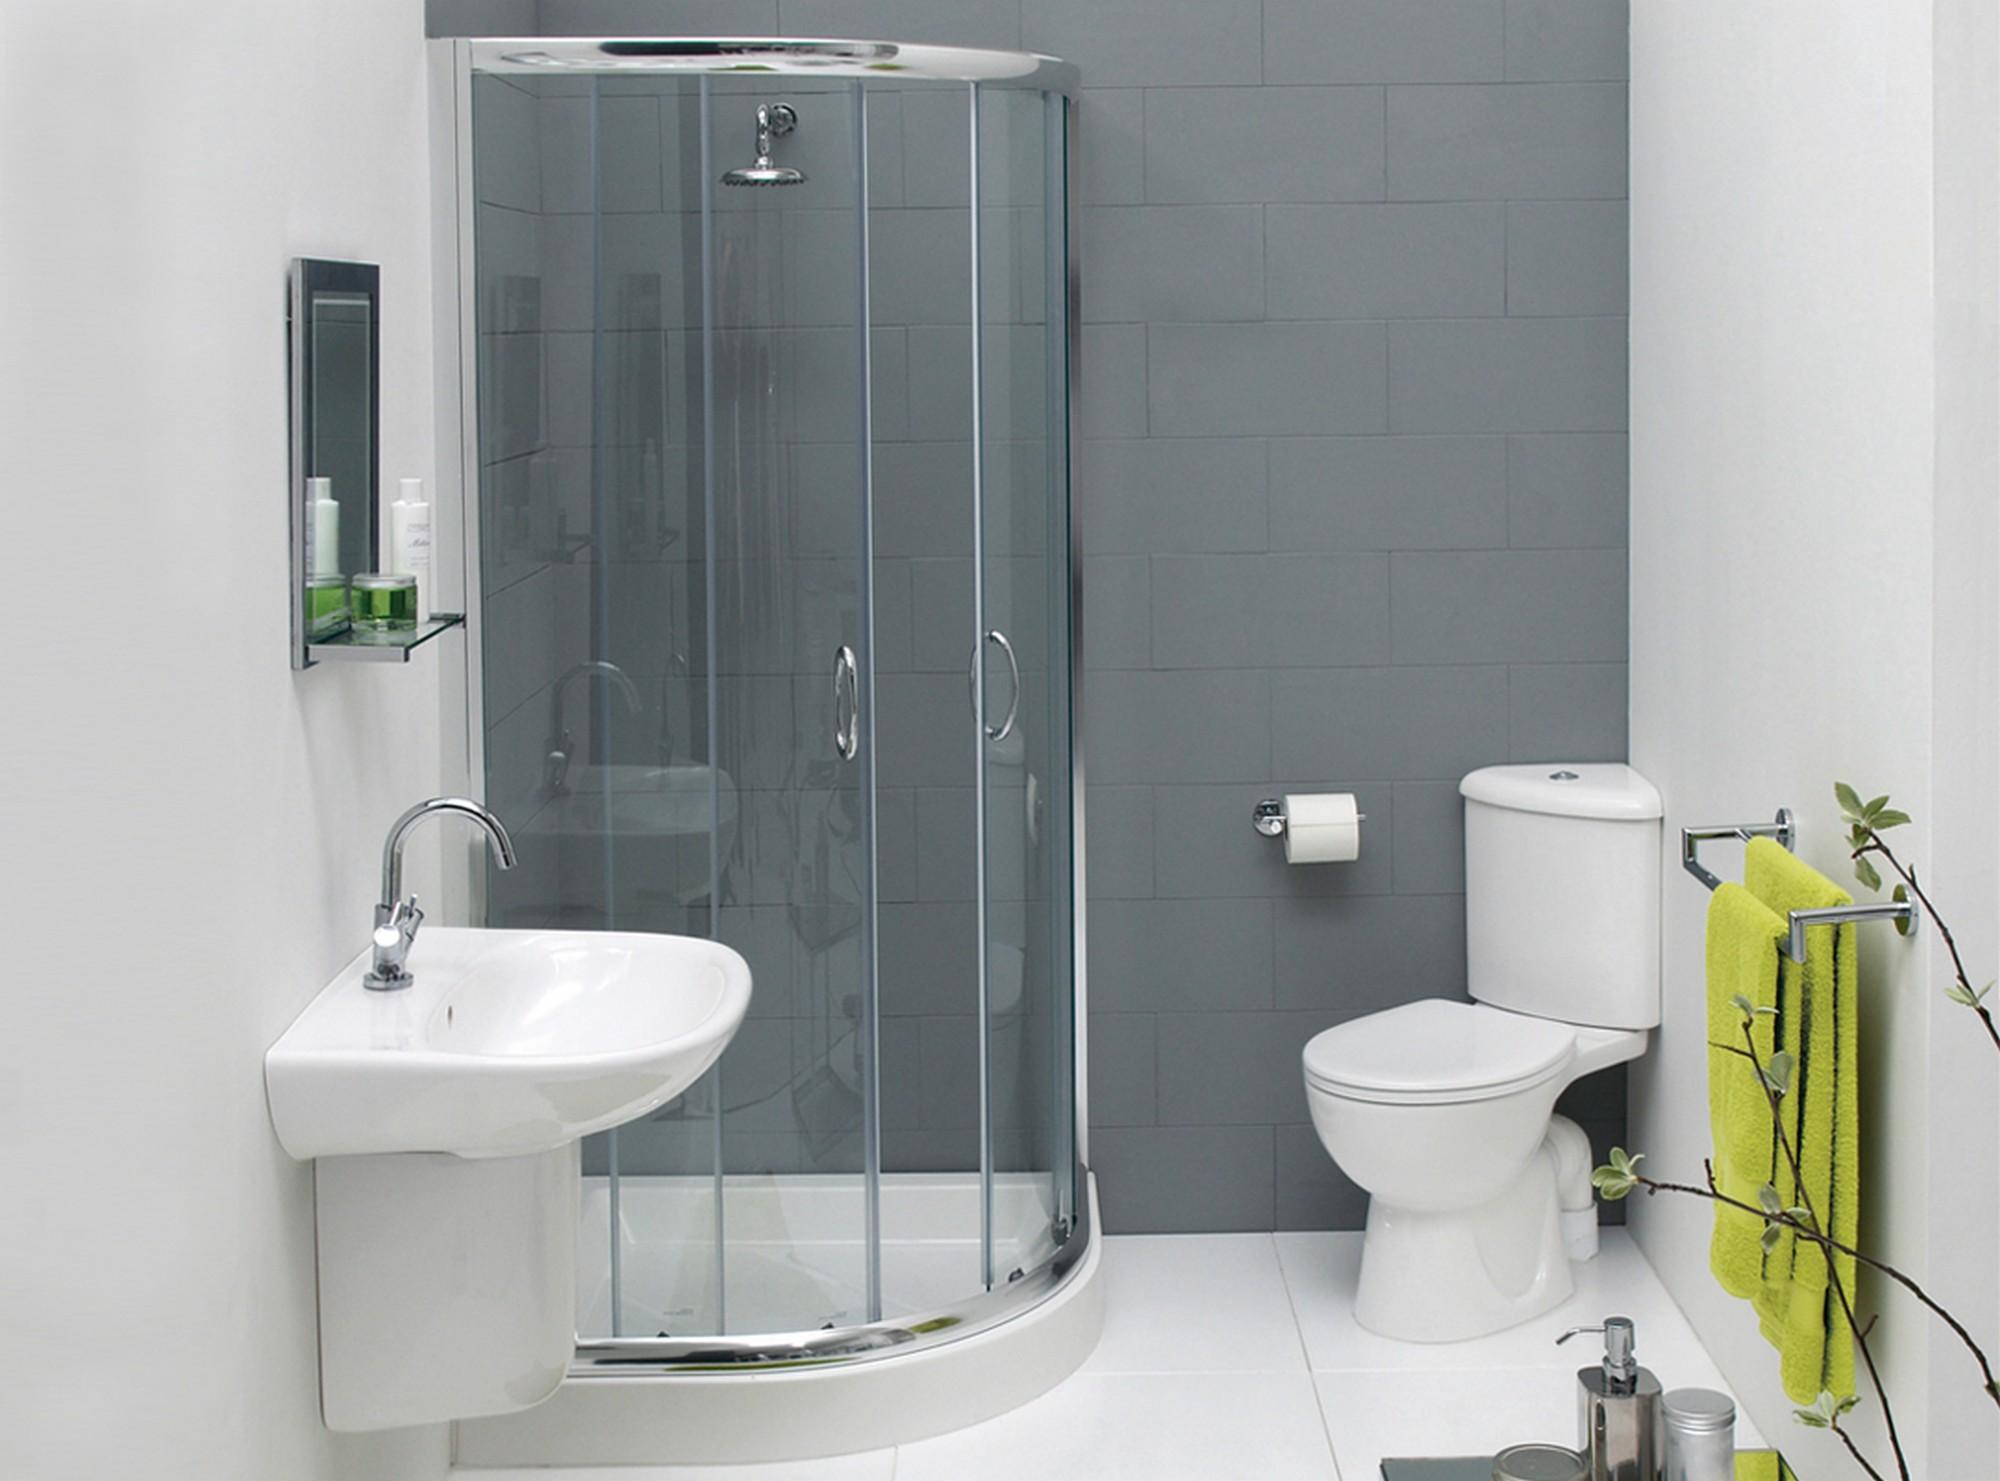 Bathroom sinks vanities small spaces